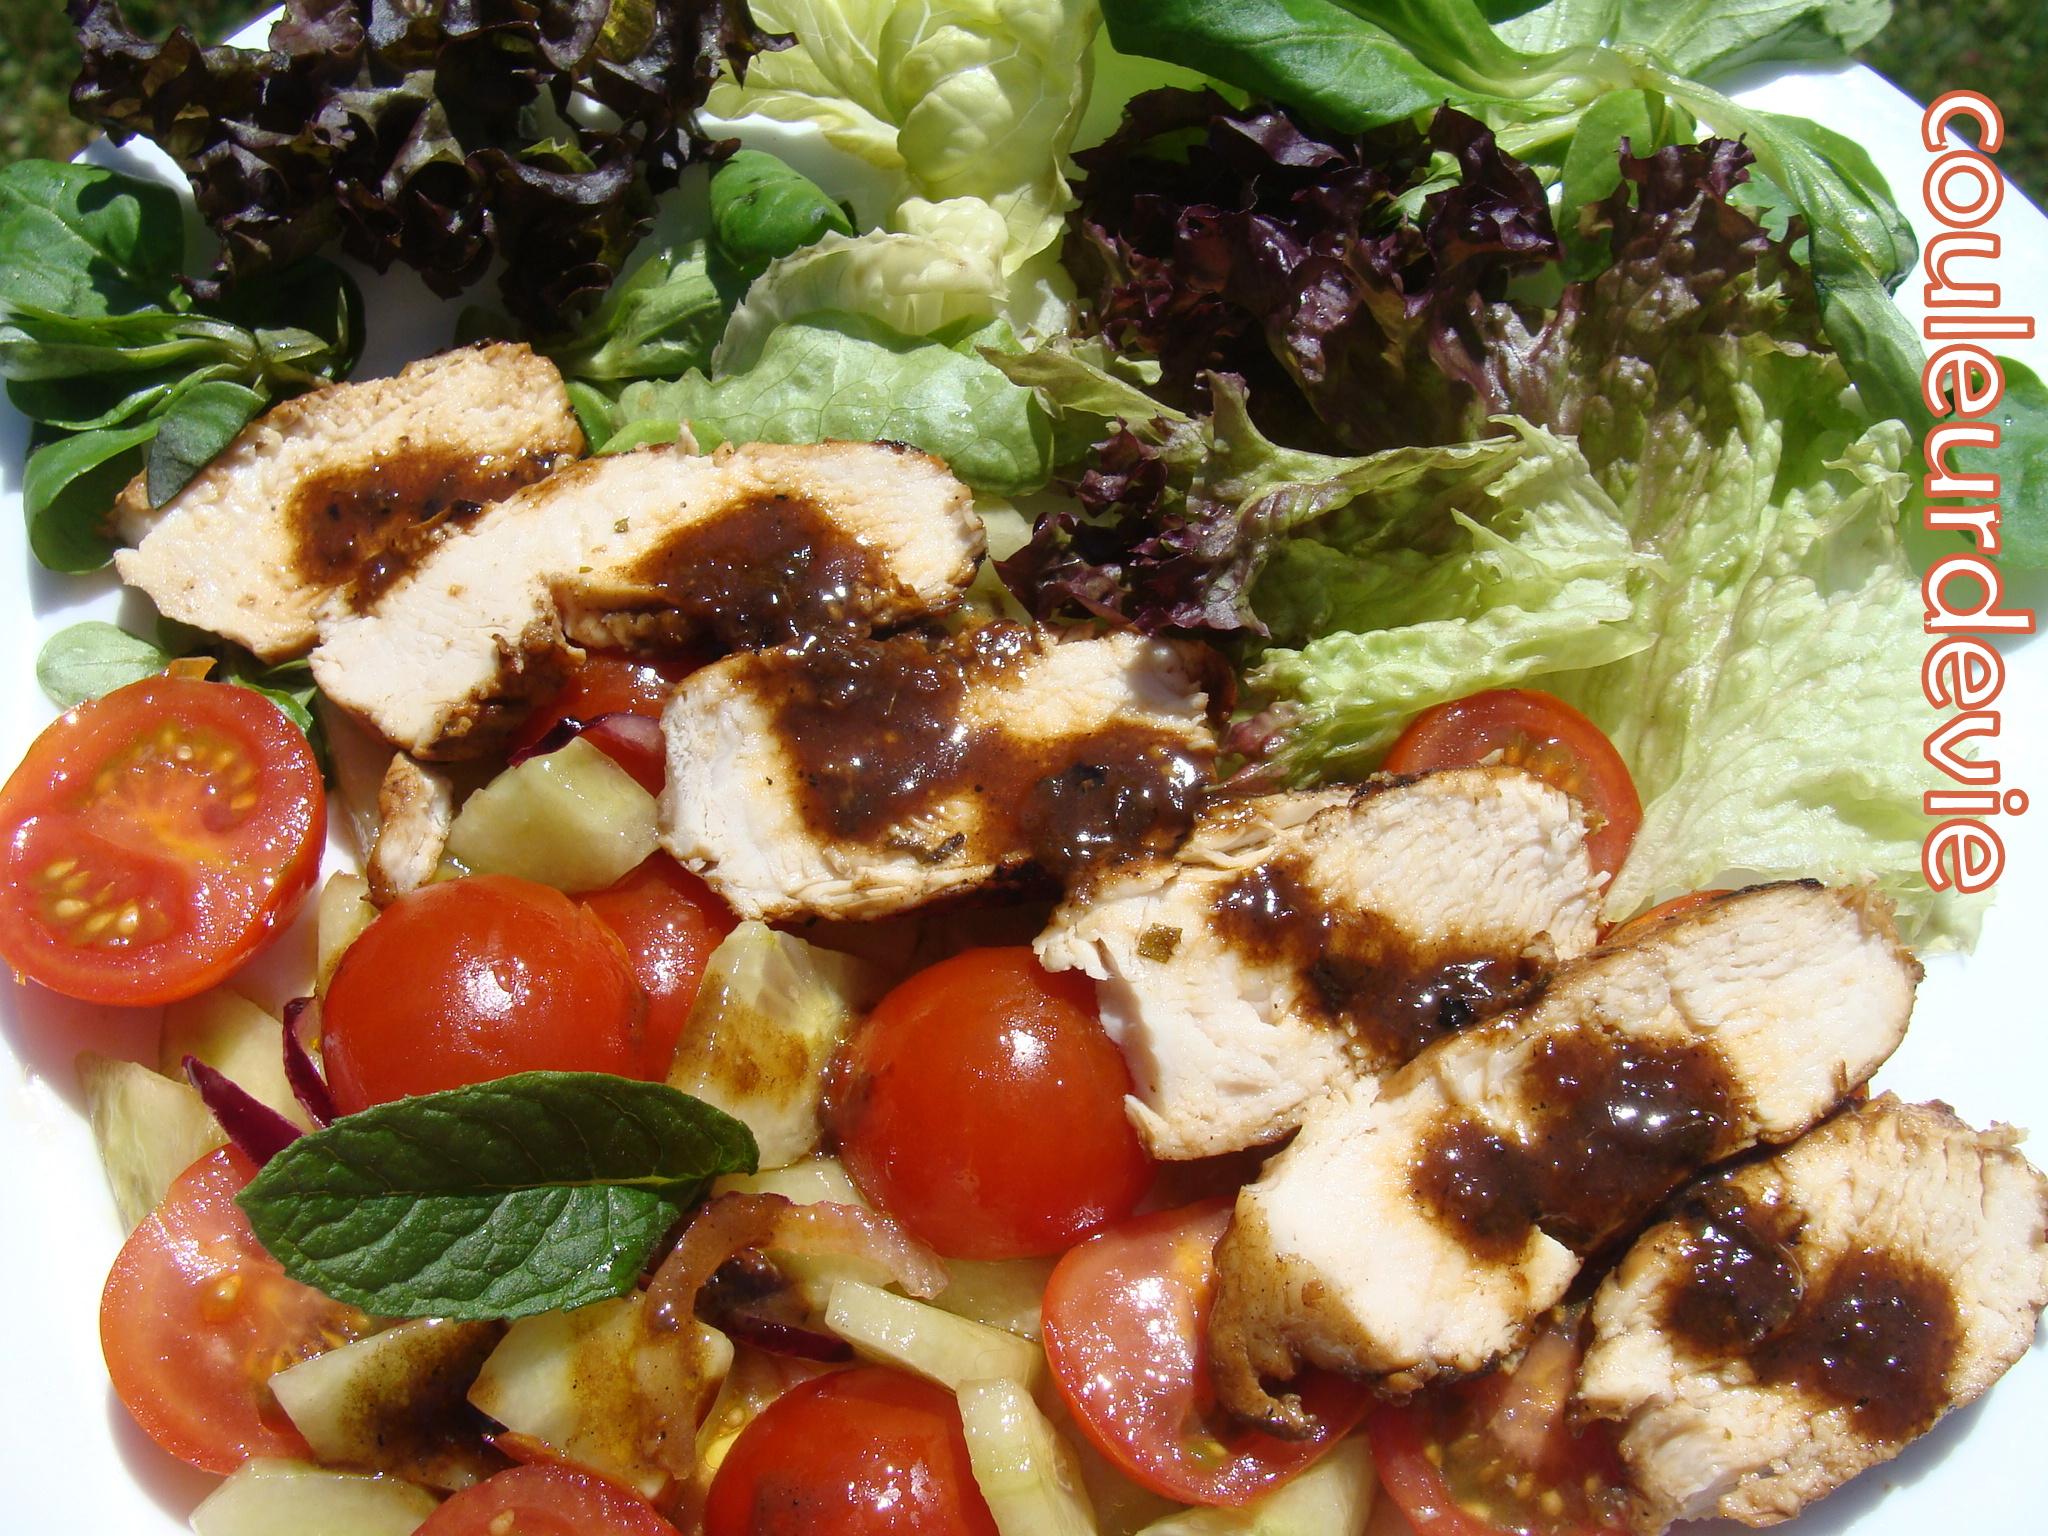 Salade estivale au poulet marin couleurdevie for Entree estivale